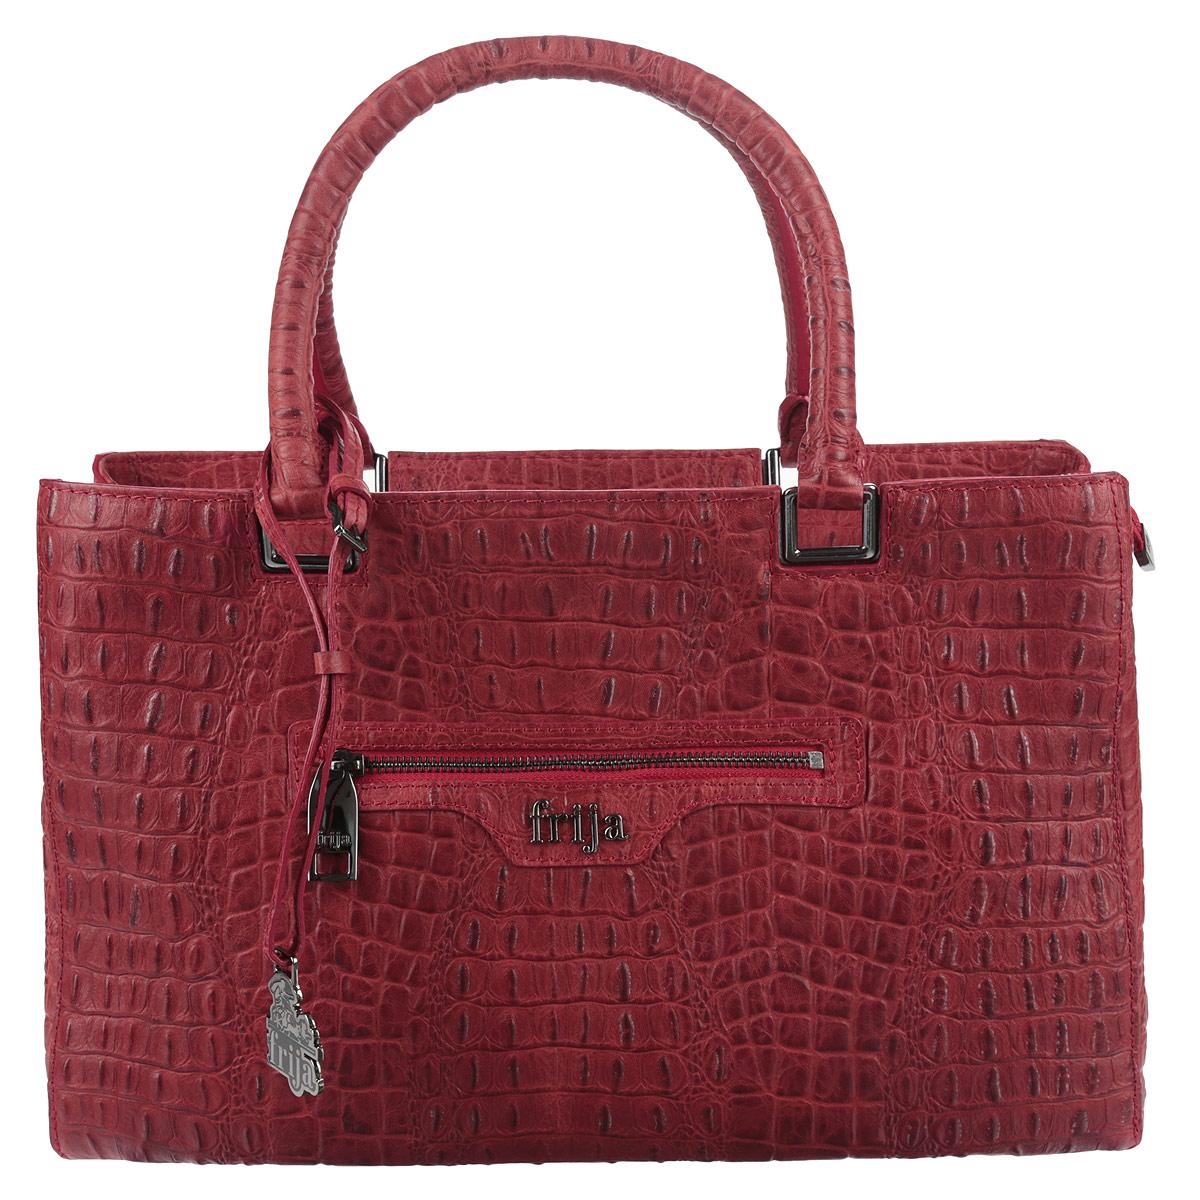 Сумка женская Frija, цвет: красный. 21-0014-1121-0014-11Оригинальная сумка Frija порадует своих обладательниц неповторимым, ярким дизайном, материалами безупречного качества и великолепным исполнением. Сумка выполнена из натуральной кожи и оформлена под крокодила. Закрывается на металлическую застежку-молнию. Выходящий край молнии фиксируется на кнопку к боковой стенке сумки. Модель имеет жёсткую форму. Содержит основное вместительное отделение, разделенное карманом-перегородкой на молнии, боковой врезной карман на застежке-молнии и объемный накладной кармашек из кожи для телефона. Сумка оснащена двумя ручками для ношения в руке или на локтевом сгибе. Ручки дополнены съемным брелоком с логотипом. Внутри модель имеет одно вместительное отделение, врезной карман на молнии и нашивной карман для телефона и мелочей. Лицевая сторона сумки оформлена врезным карманом на молнии с логотипом. Дно защищено от повреждений металлическими ножками. Сумка из данной коллекции послужит элегантным дополнением к гардеробу...